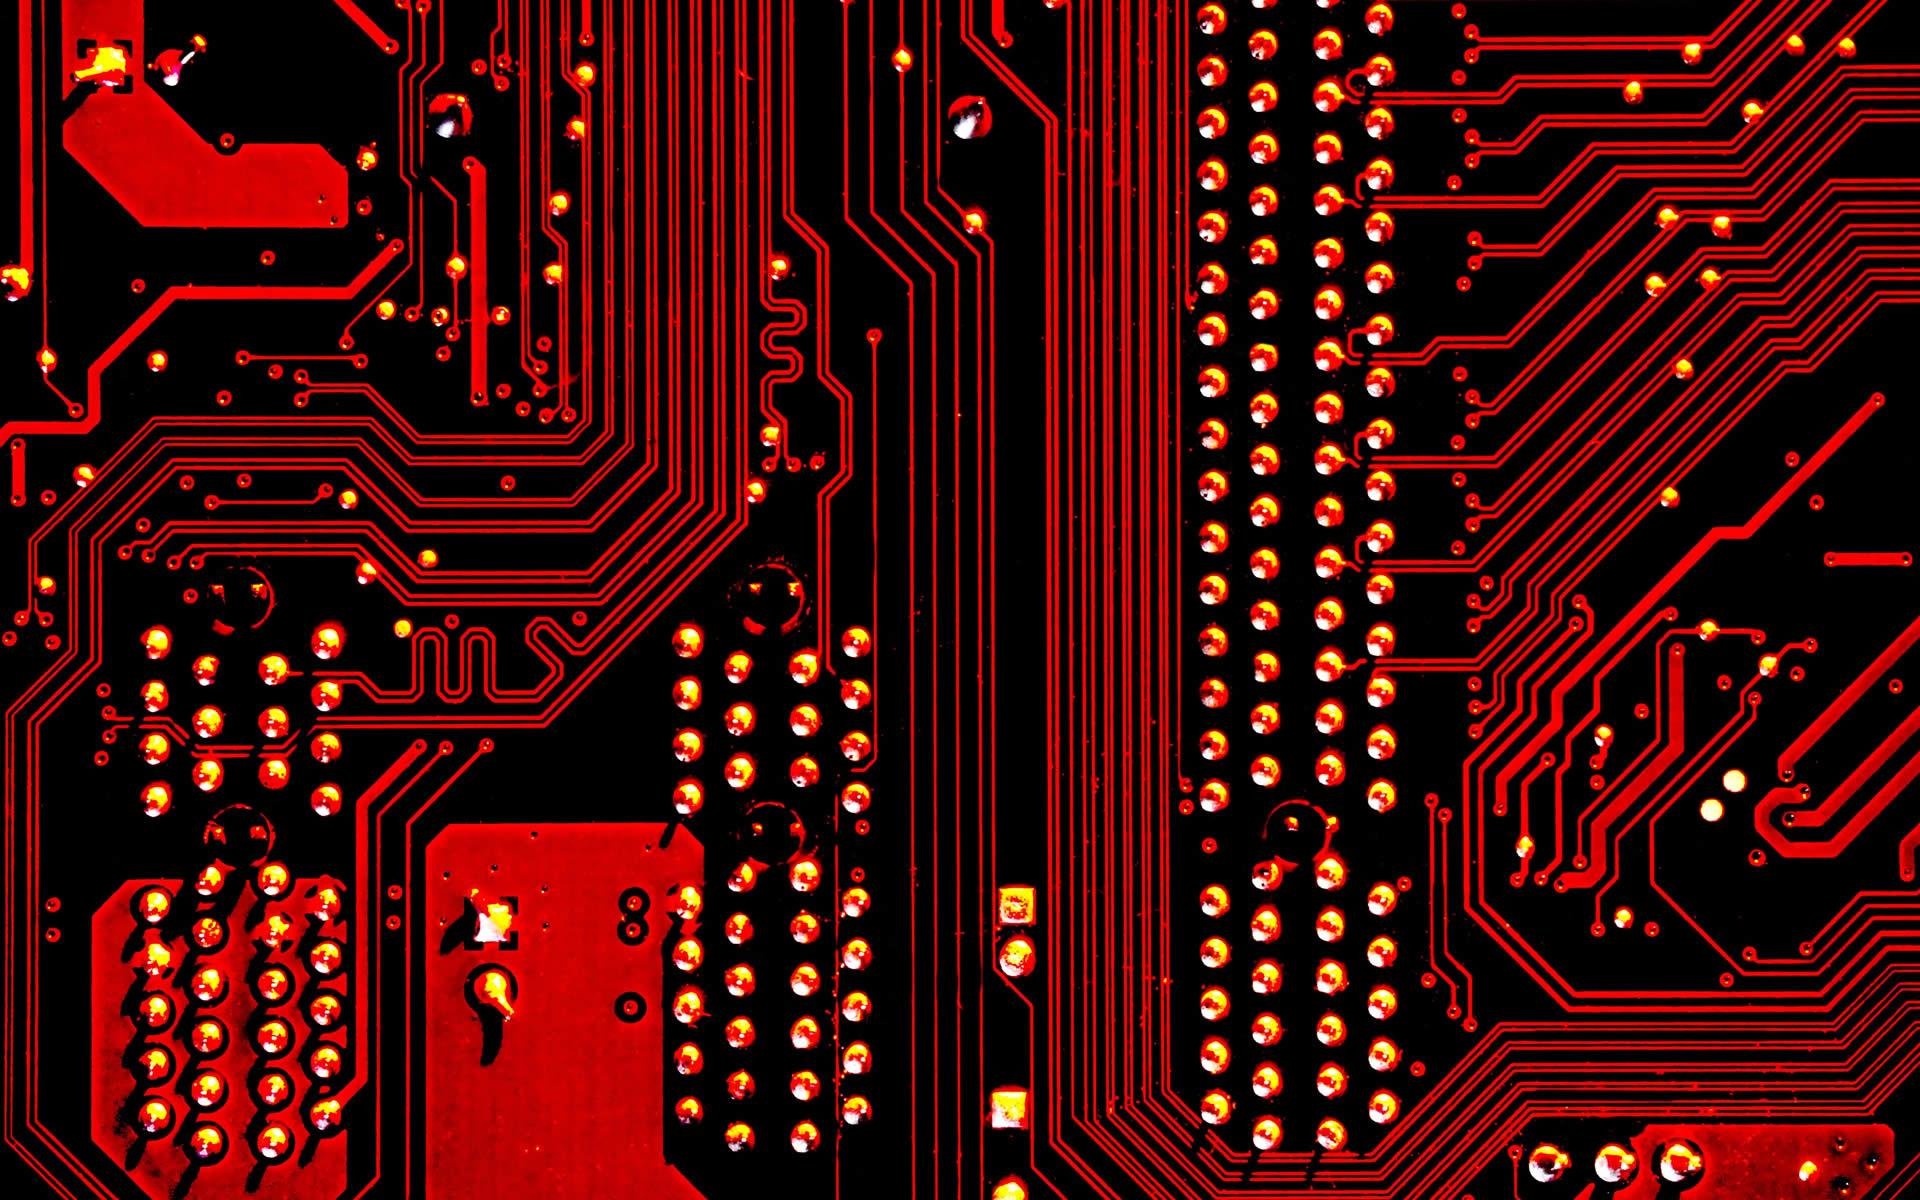 Rifiuti elettronici in continua crescita nel mondo